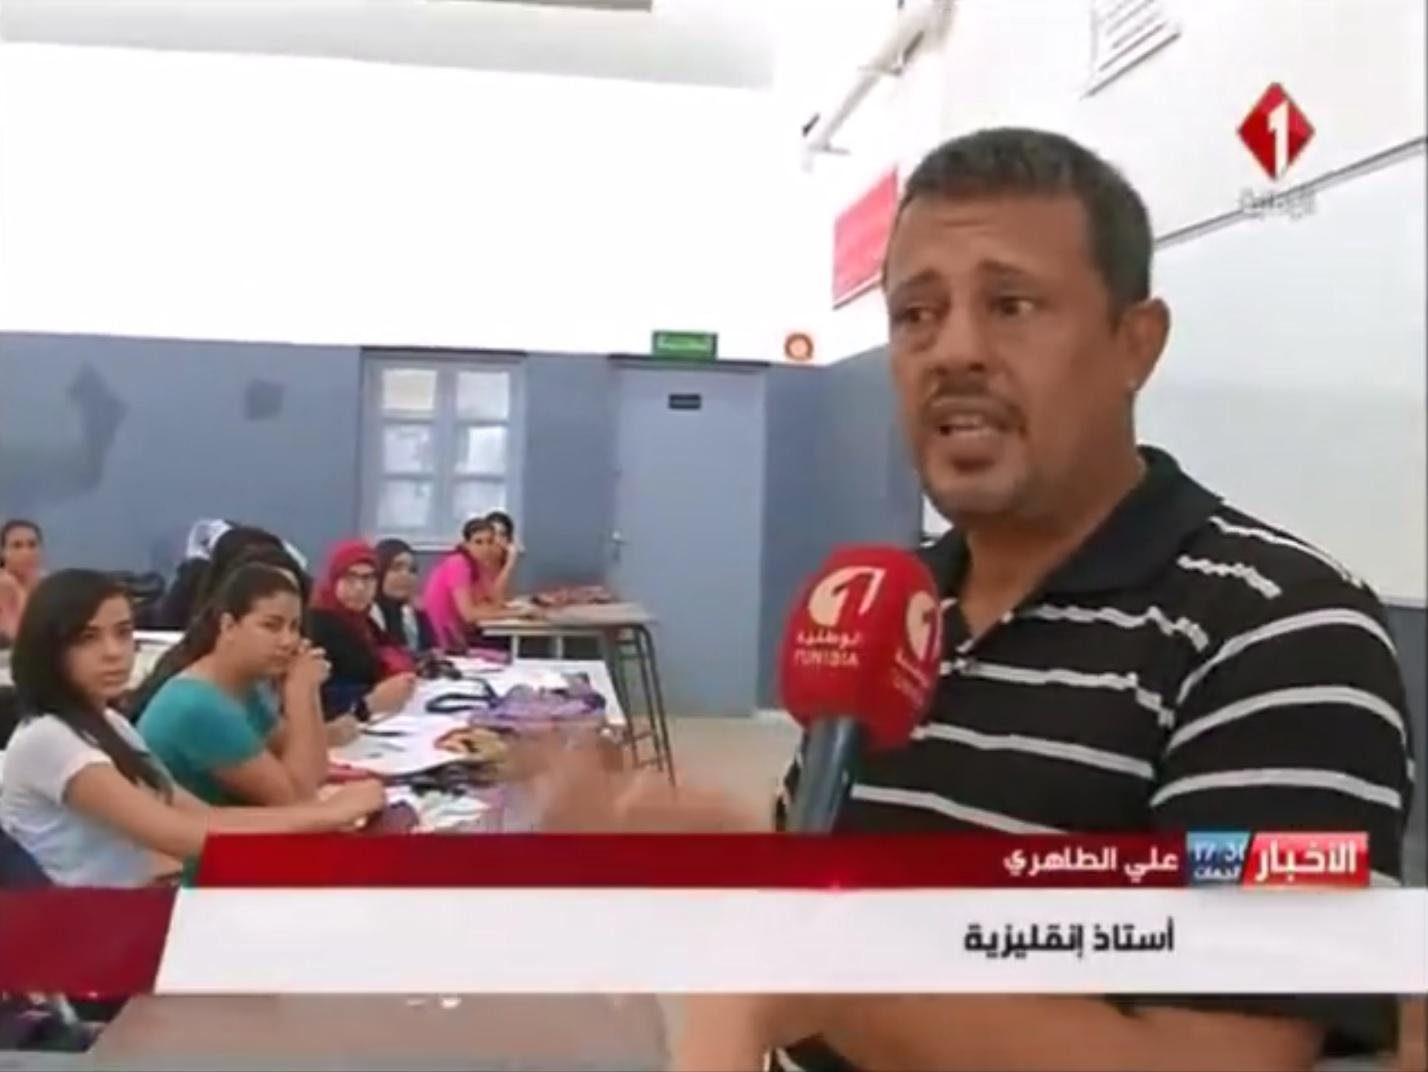 صفاقس : علي الطاهري أستاذ لغة إنقليزية يقدّم دروس دعم صيفية مجانا